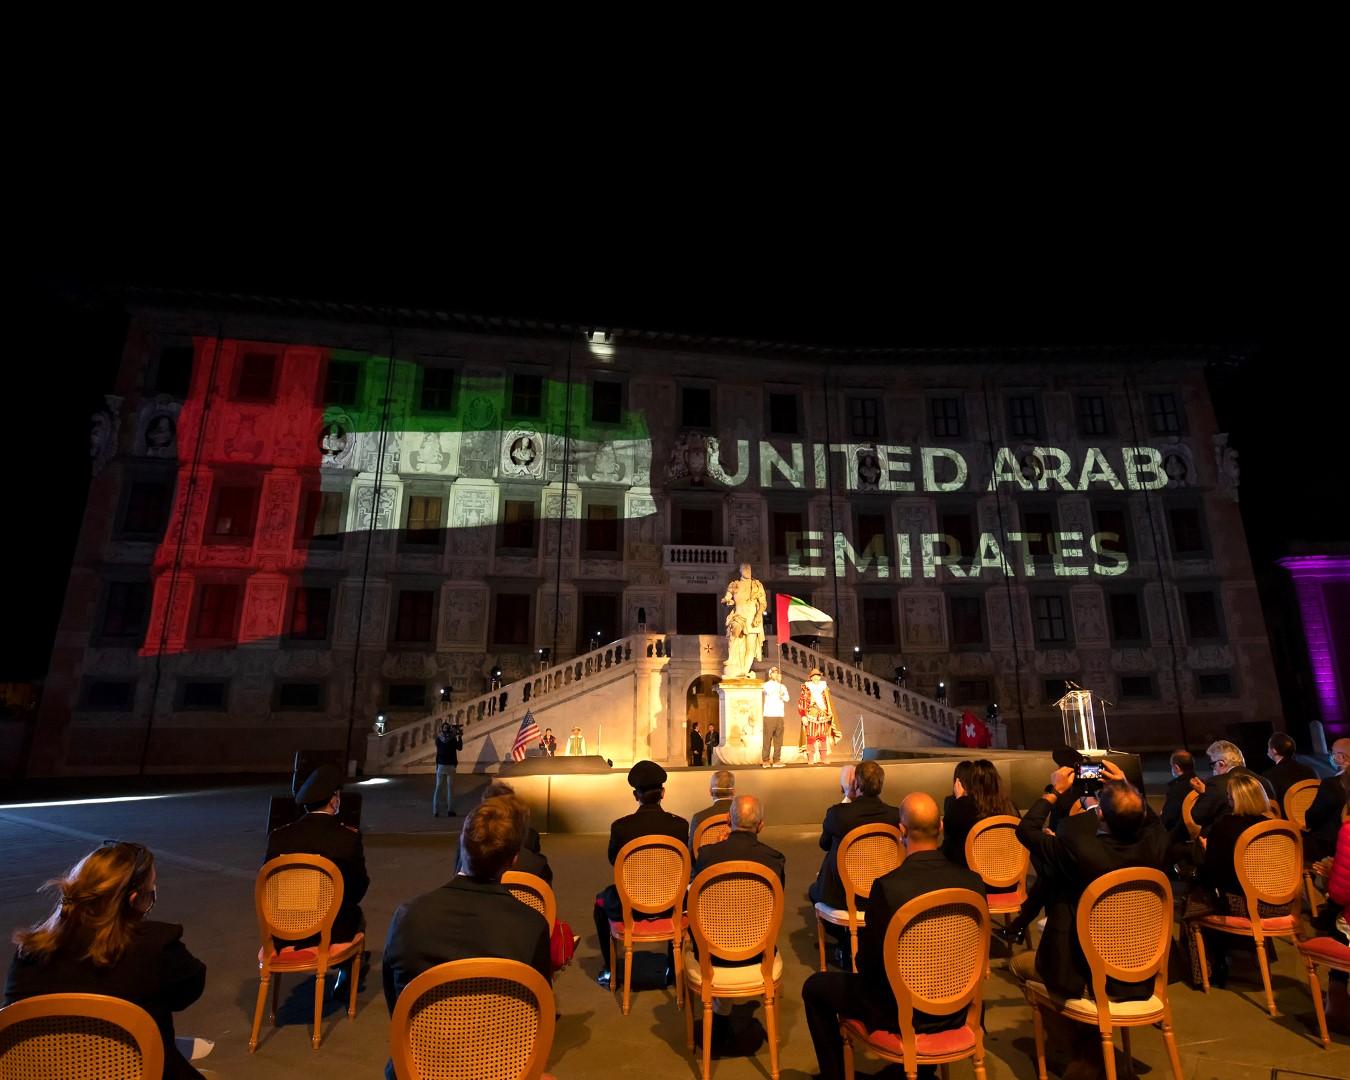 غدا .. فرسان الإمارات يشاركون في كأس العالم للقدرة بإيطاليا بطموح الفوز و التتويج